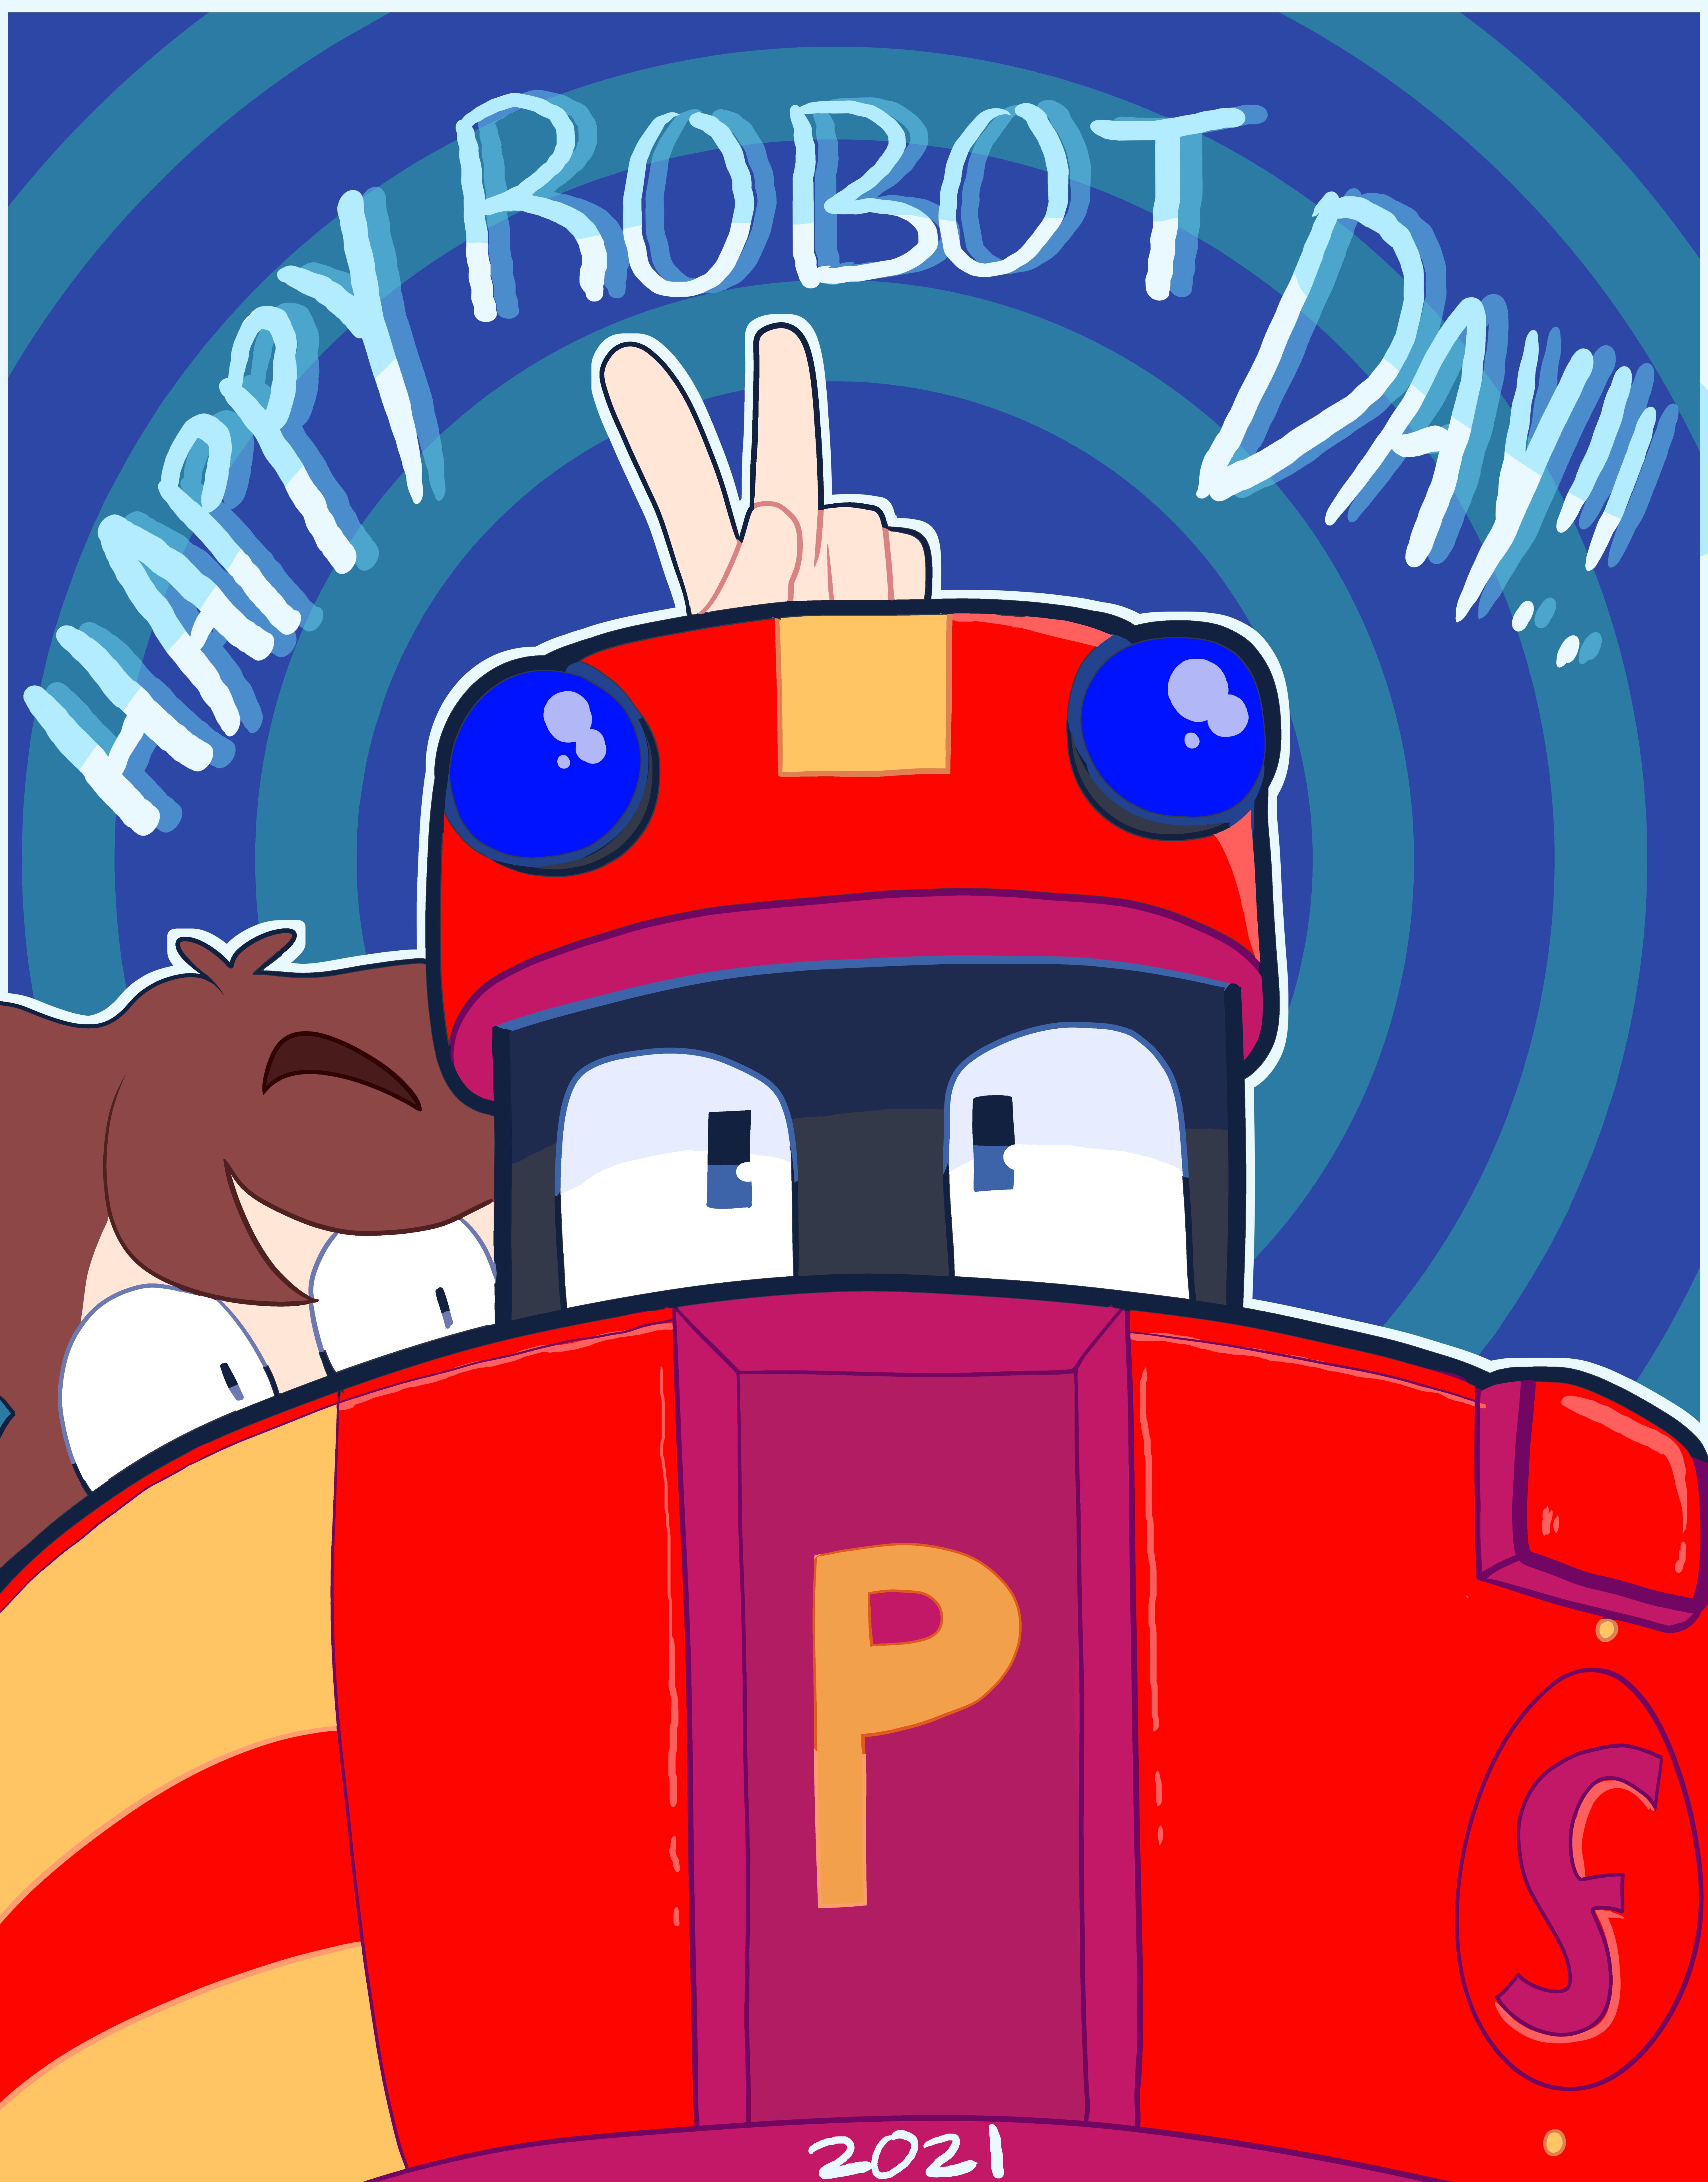 HAPPY ROBOT DAY 2021!!